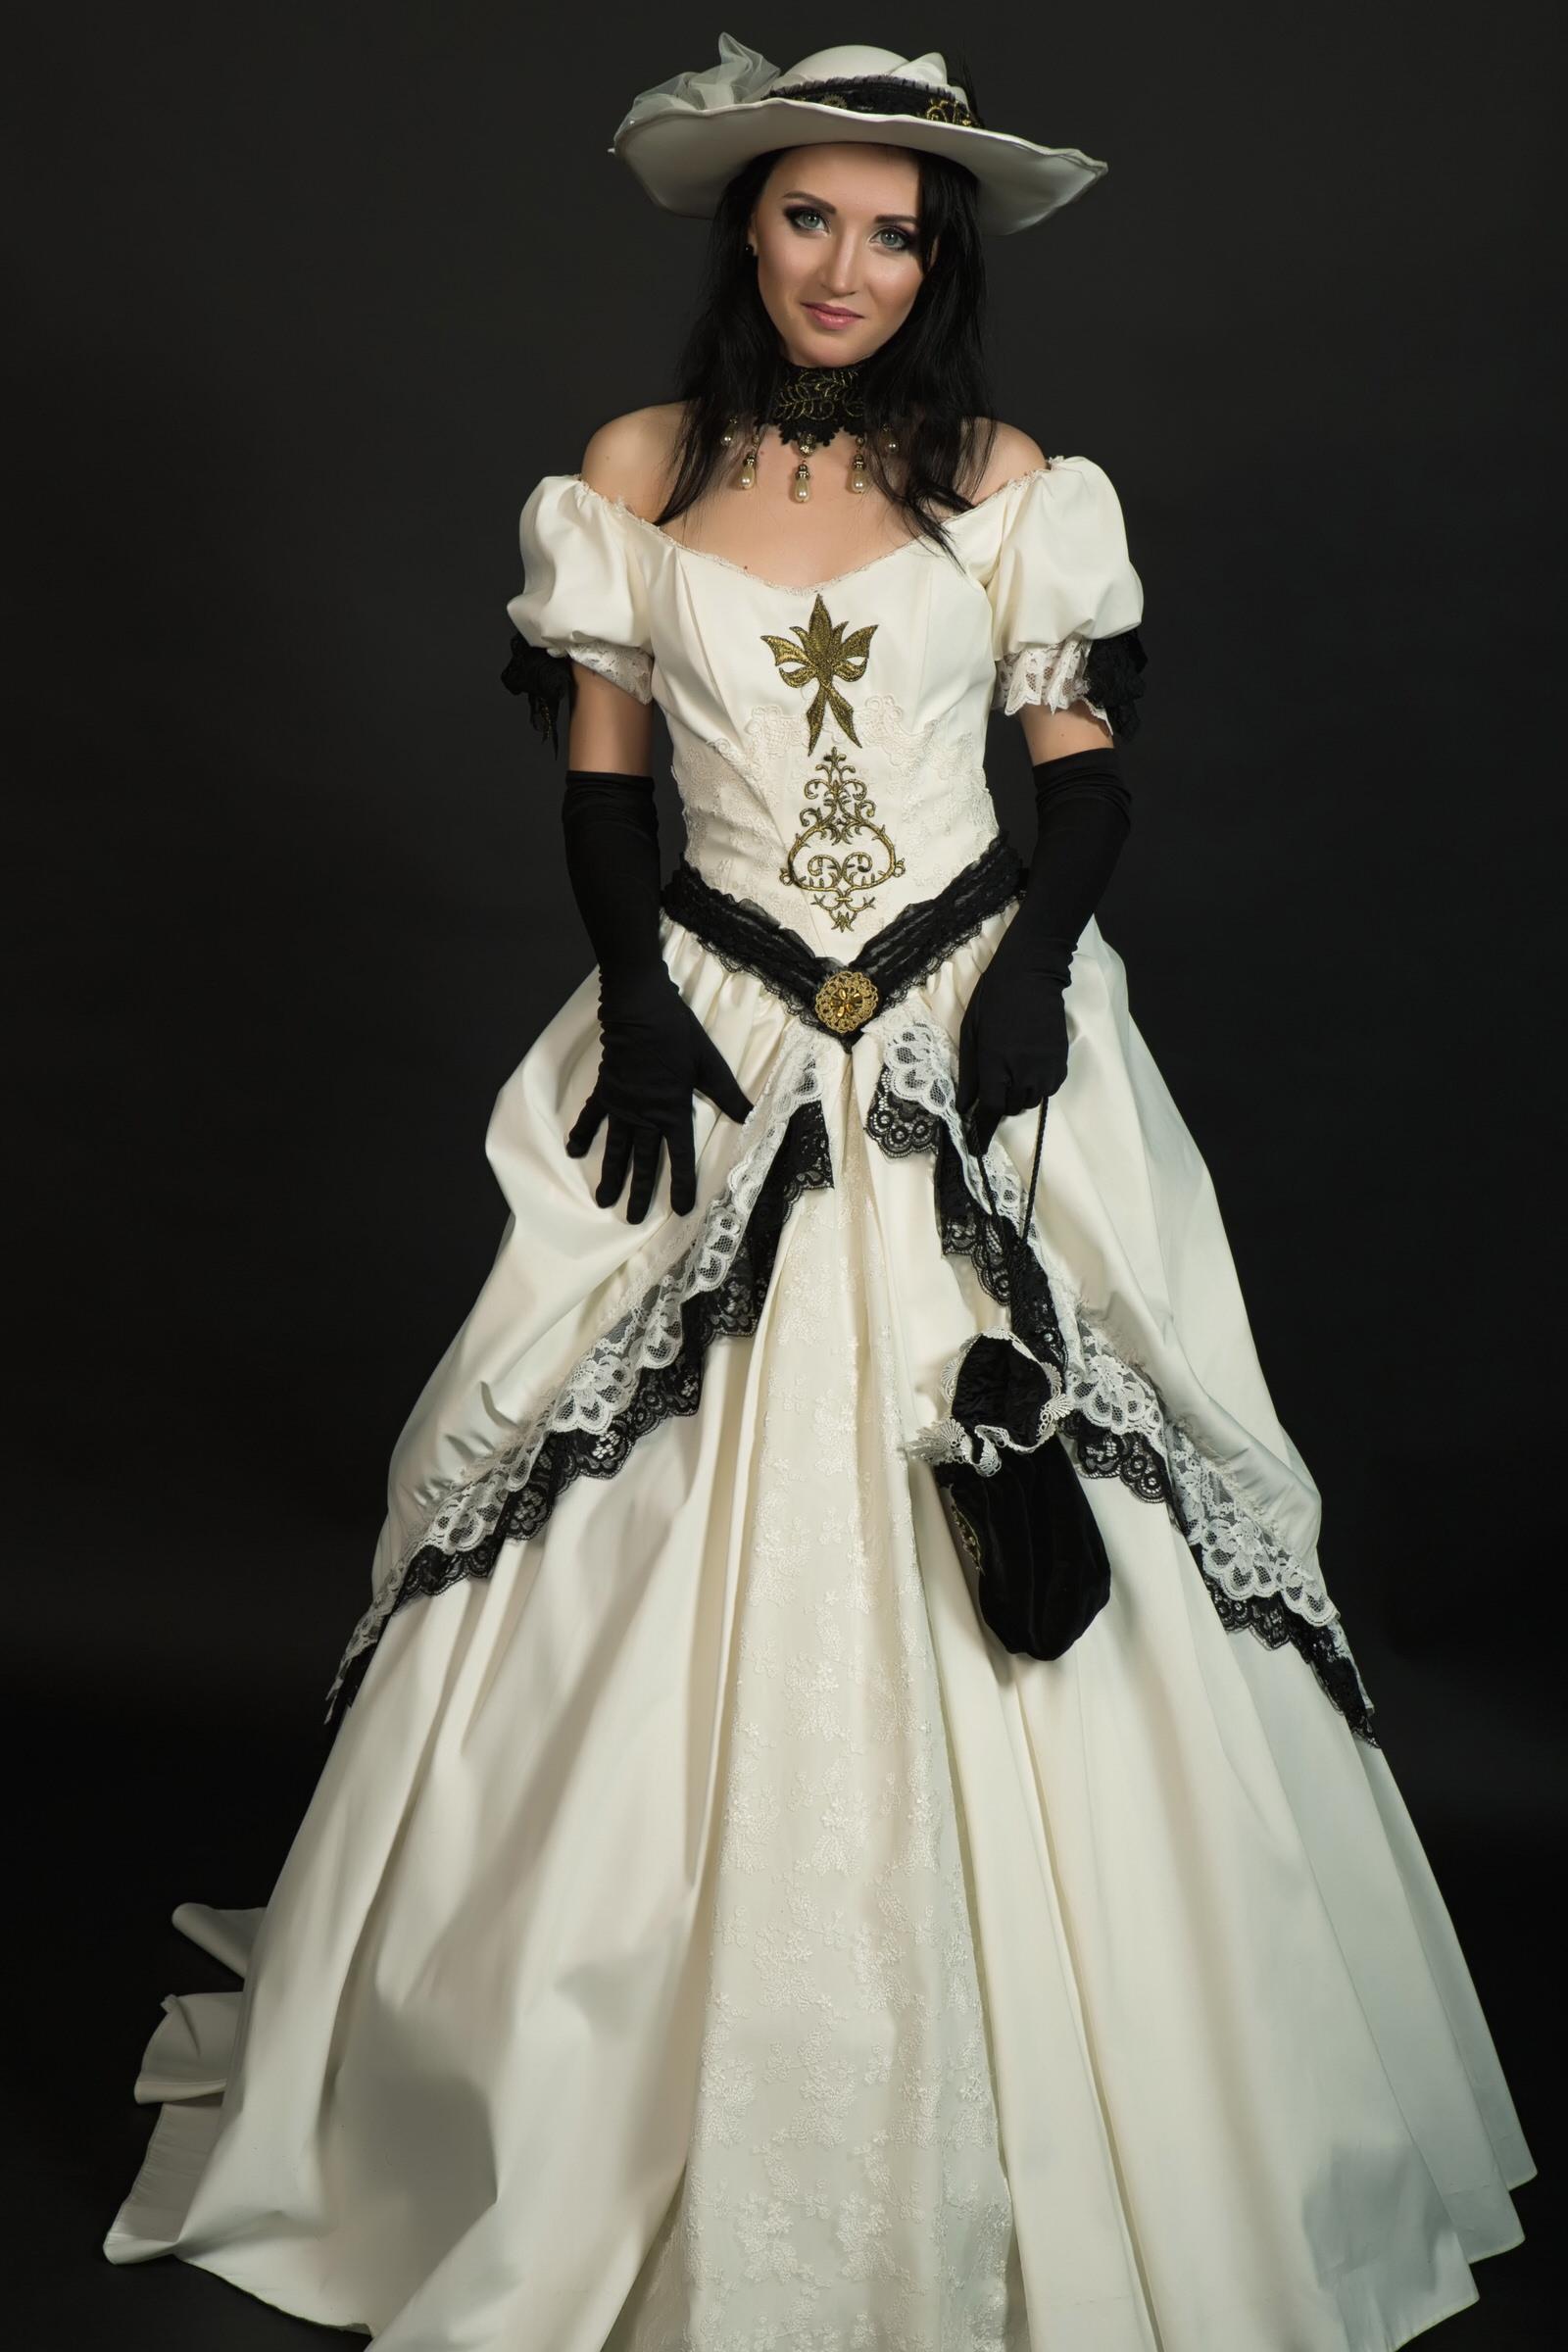 Fein Viktorianisch Inspirierten Brautkleider Galerie - Brautkleider ...